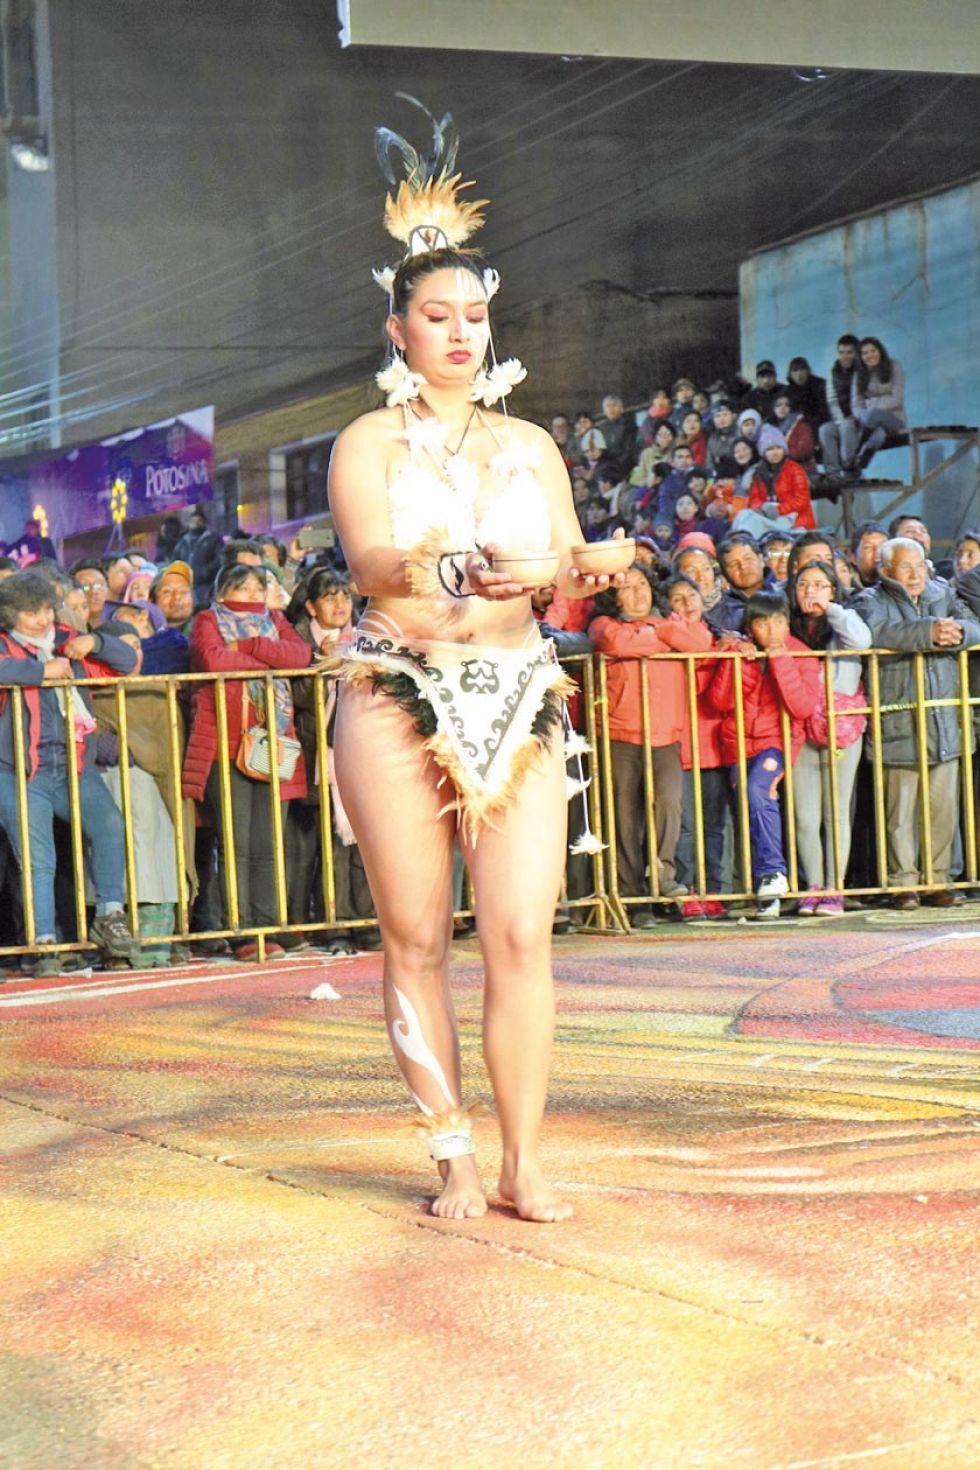 Una chilena descalza y semidesnuda.